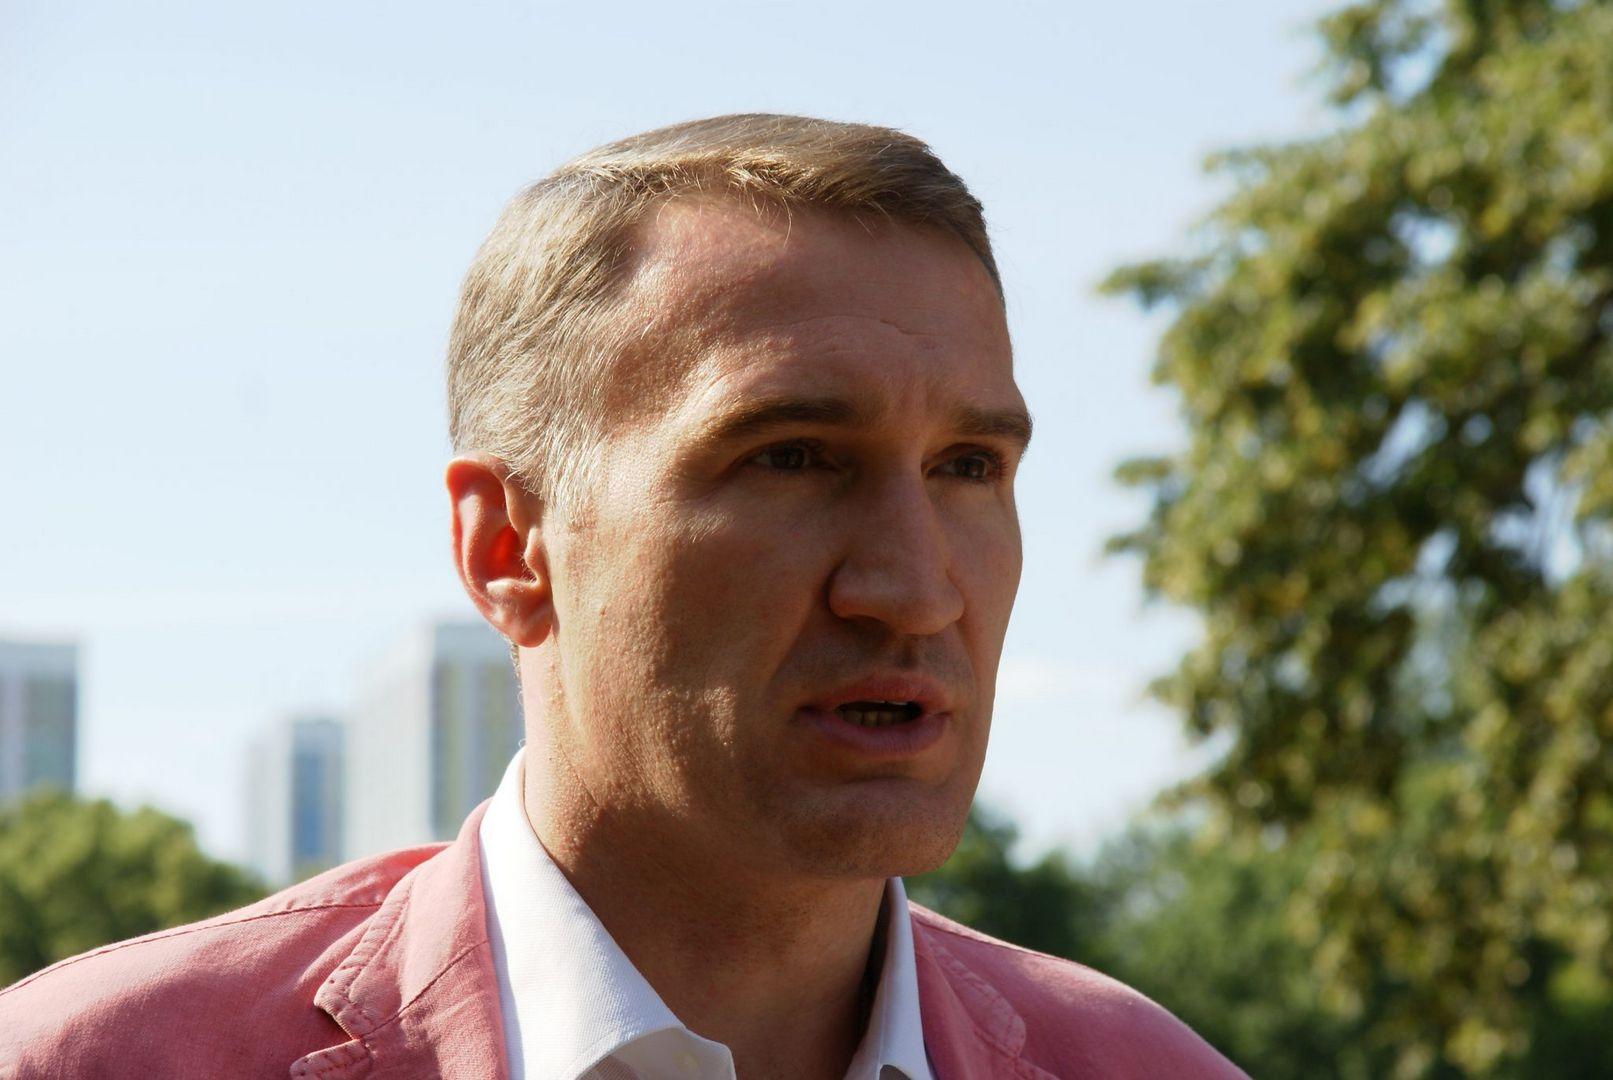 Сергей Марков, начальник Управления по реализации объекта благоустройства Департамента капитального ремонта